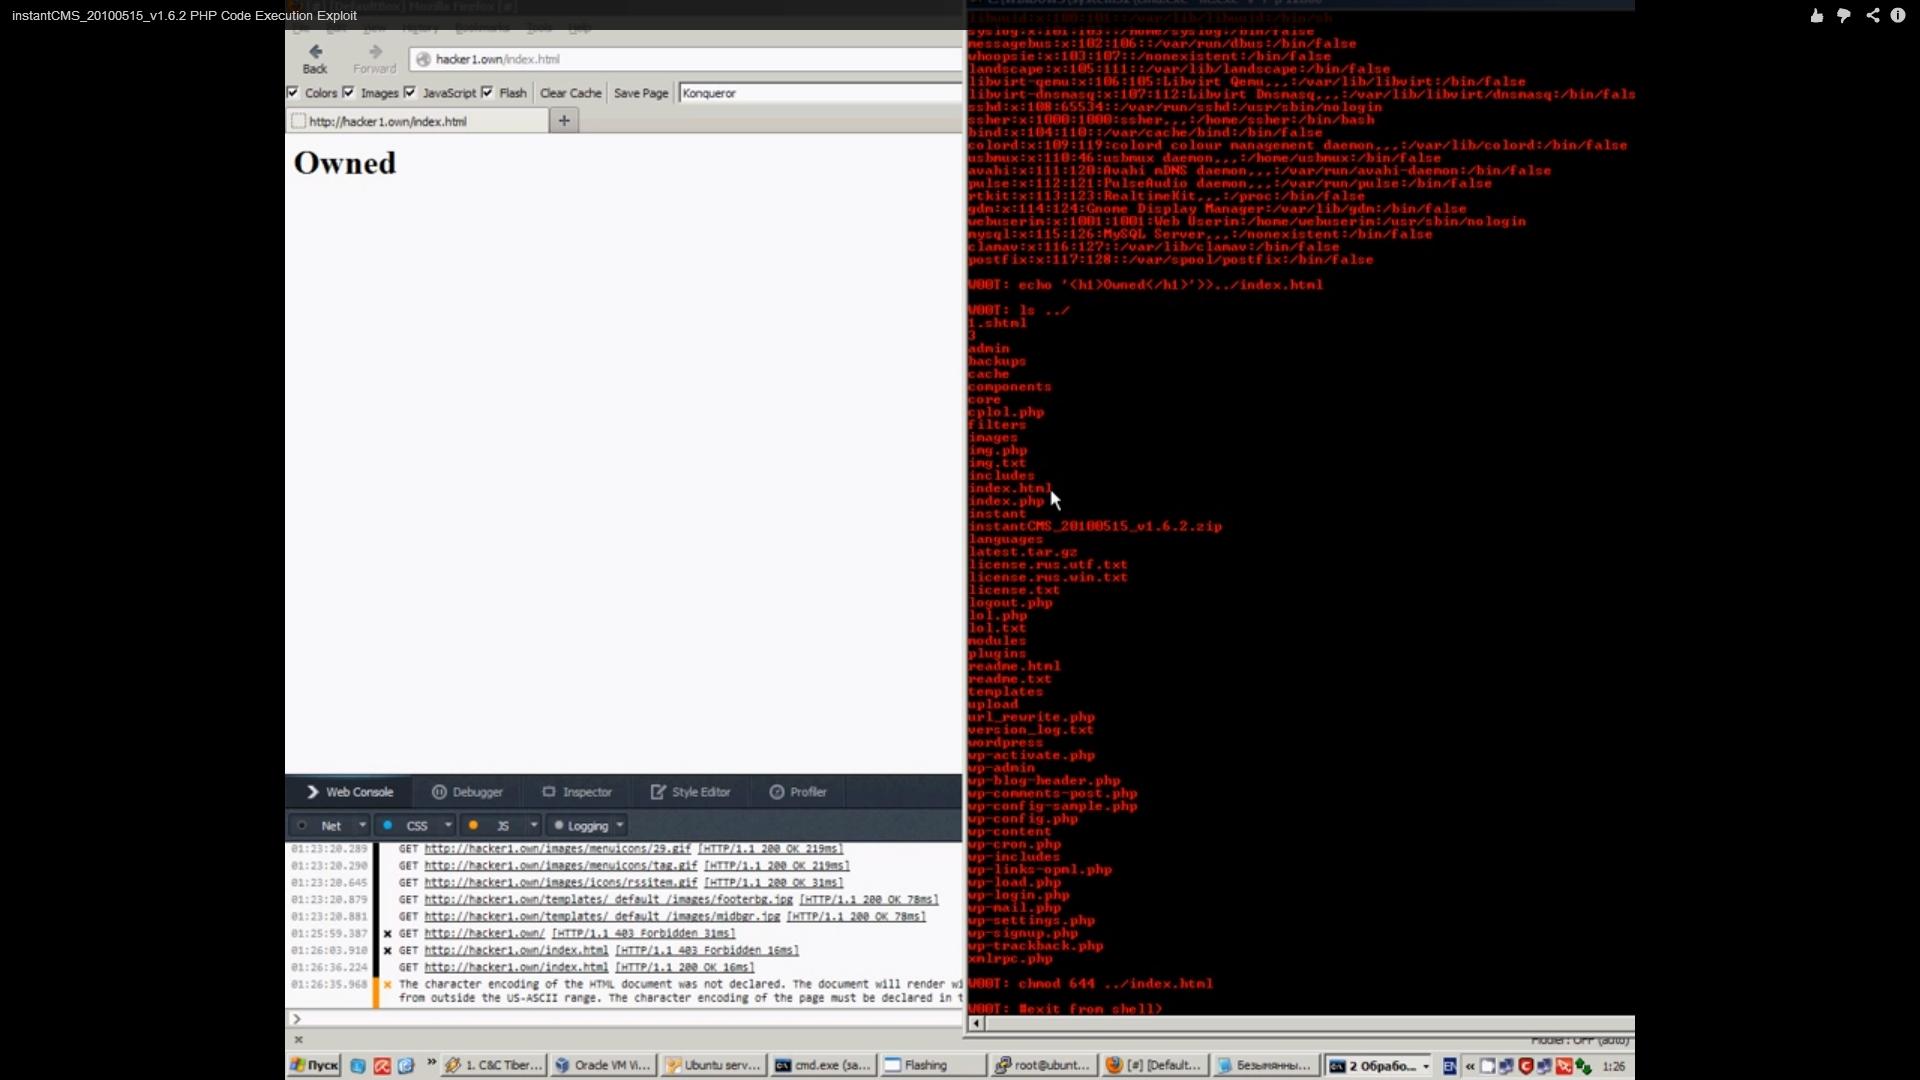 Пример работы эксплойта в ОС Windows